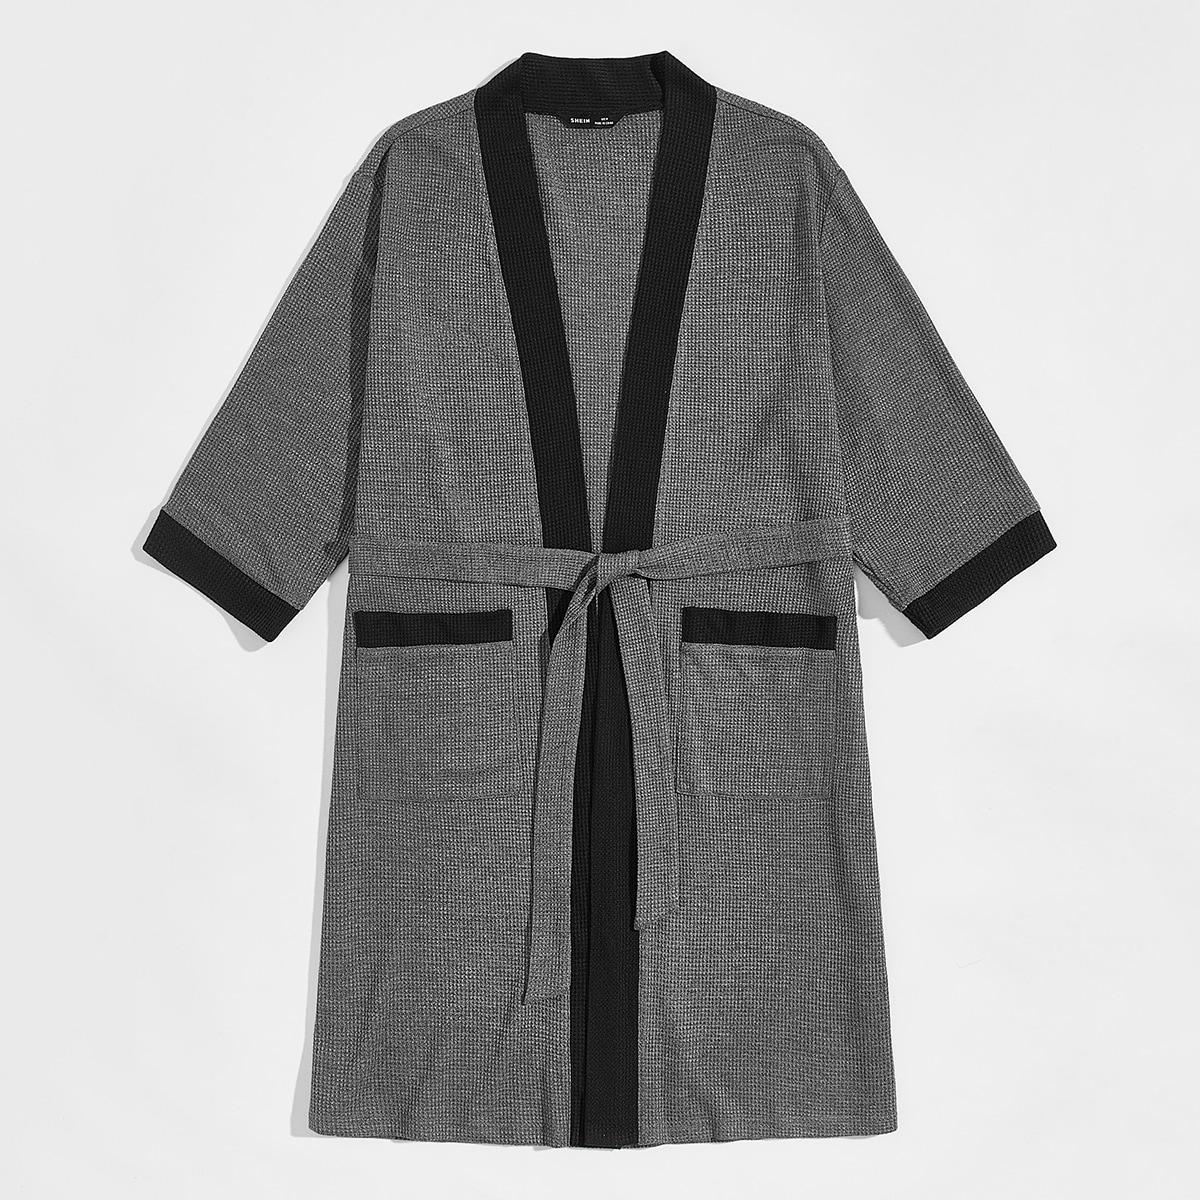 Мужской халат с поясом и карманом